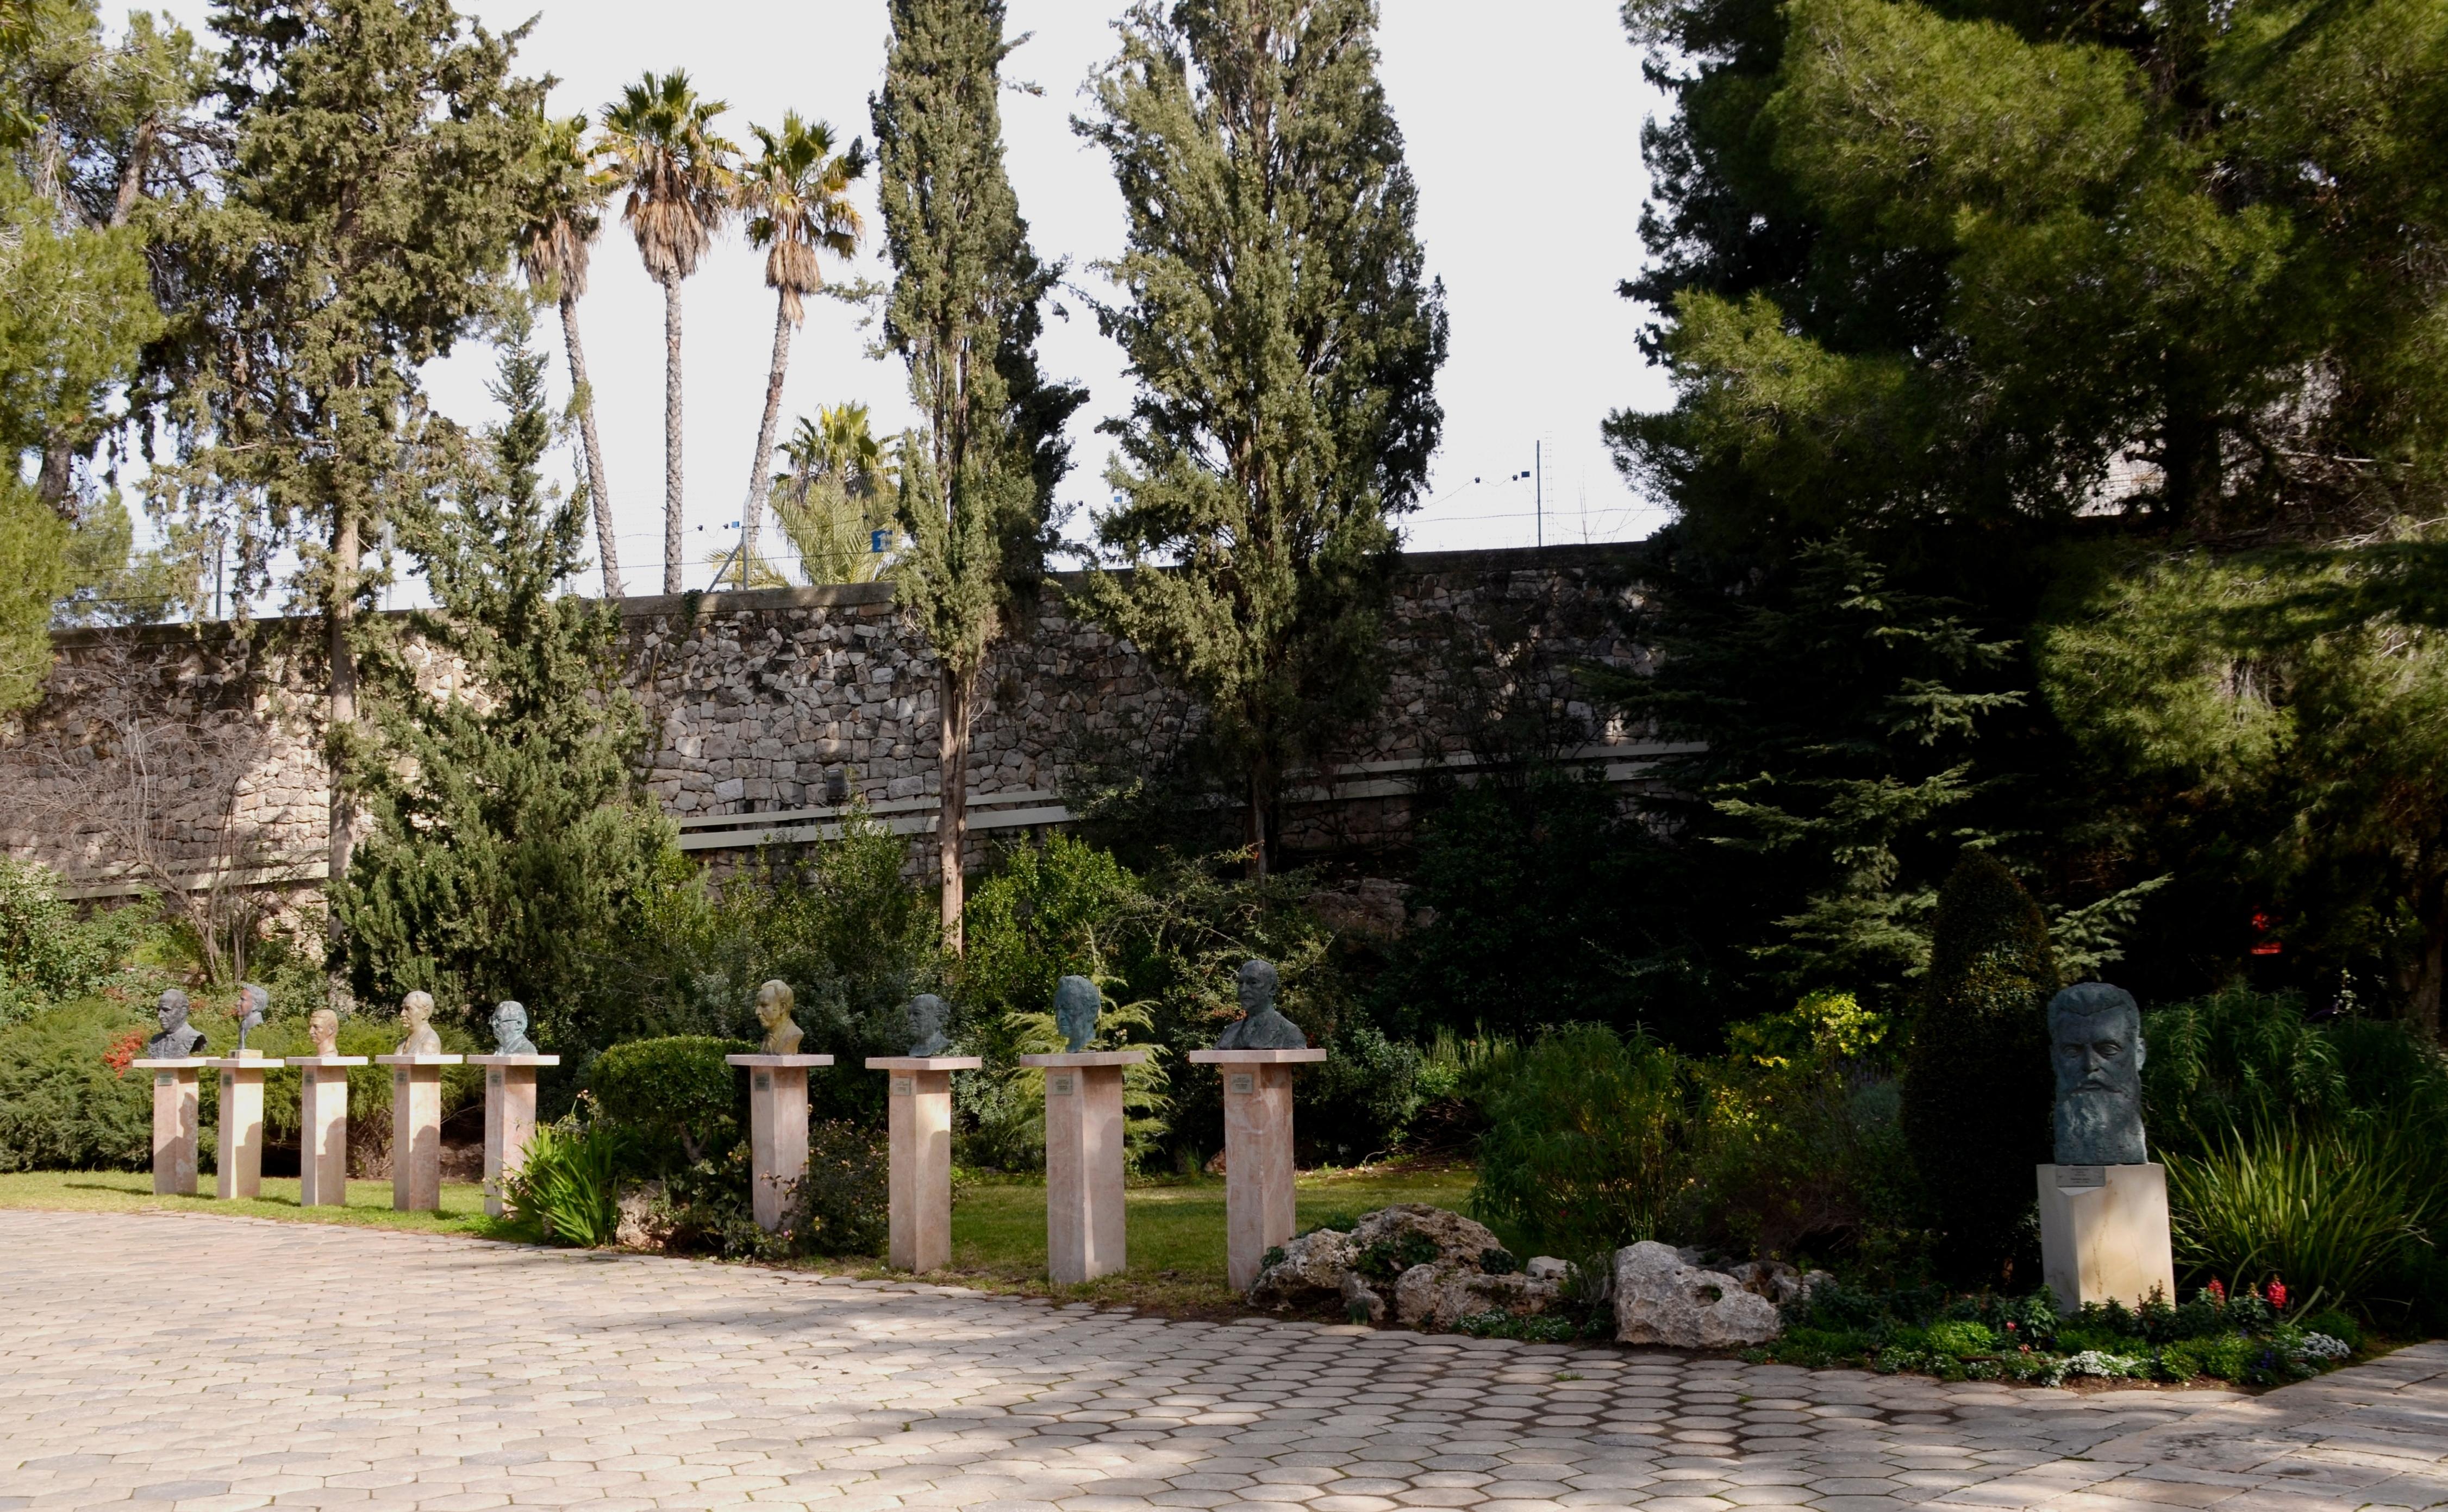 Israeli President's garden